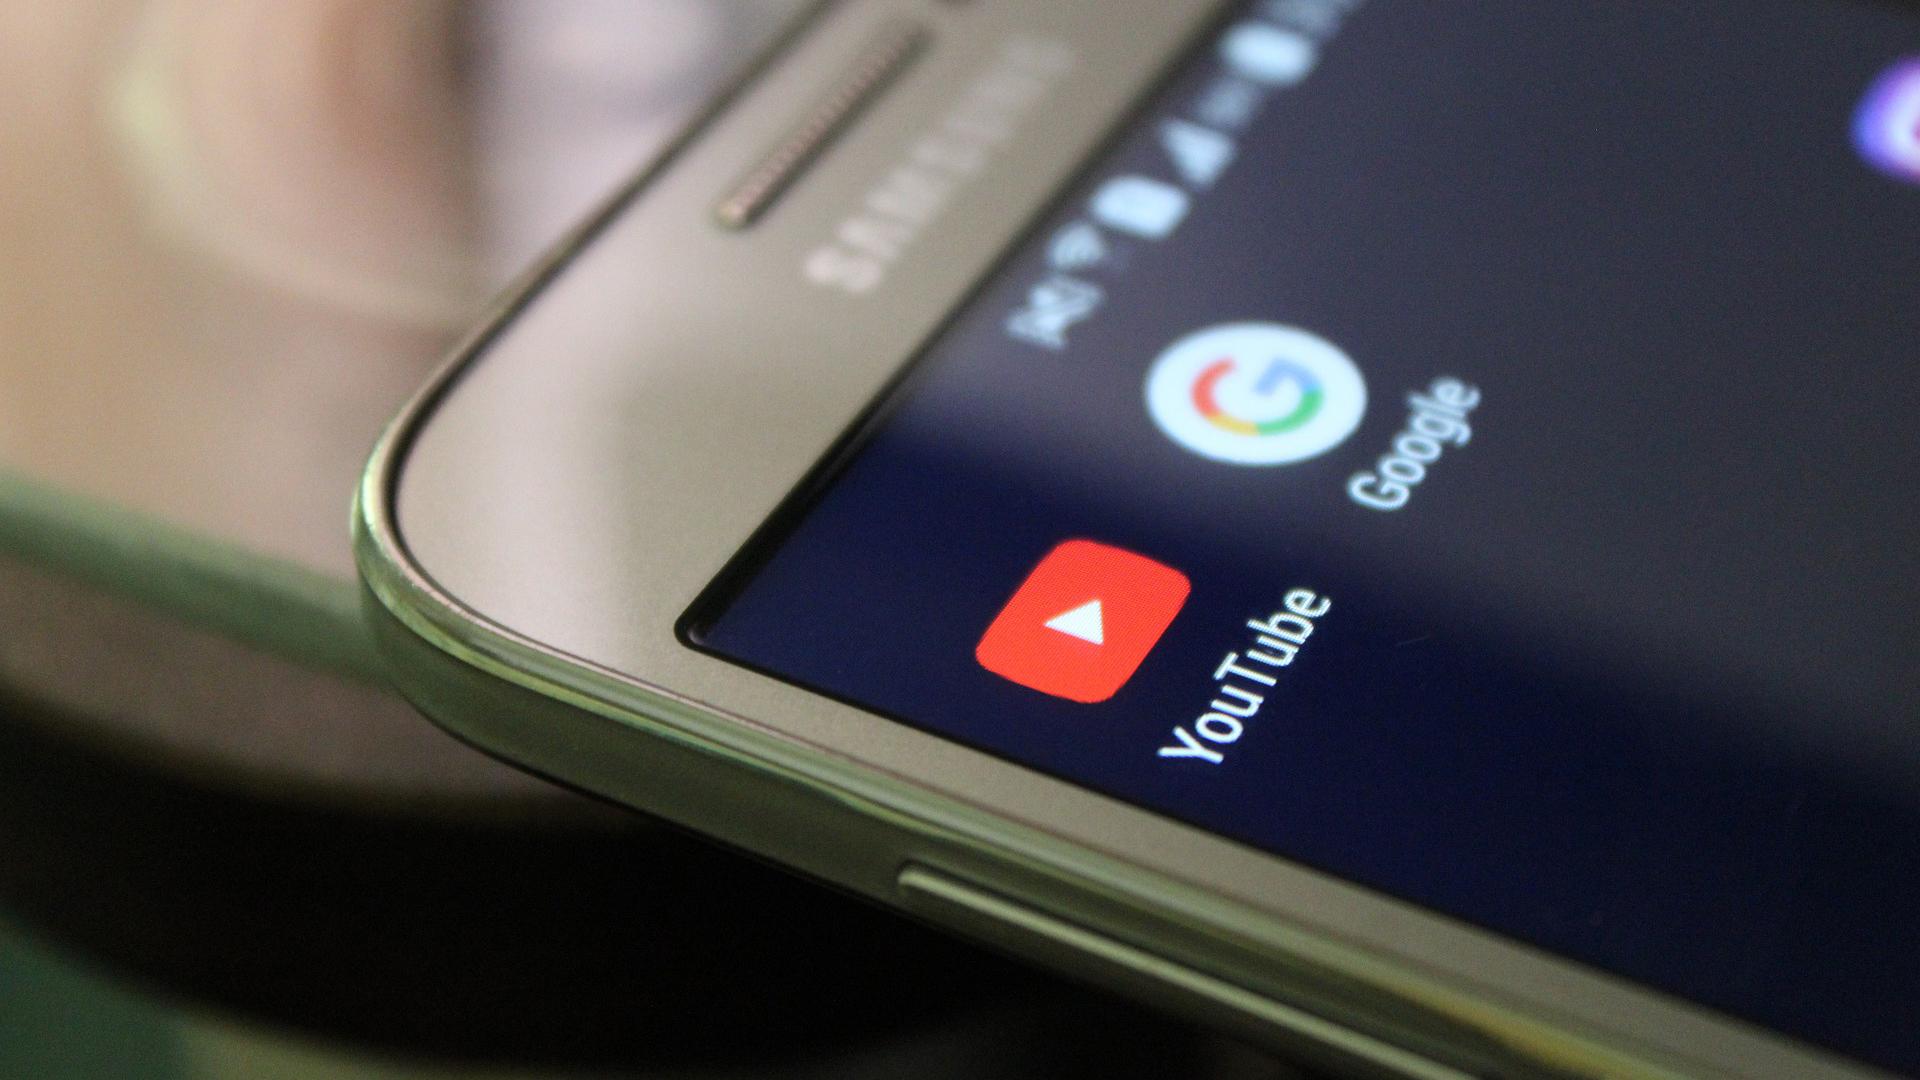 يوتيوب يعلن عن أزالة 100 ألف مقطع فيديو 17 ألف قناة وقد يدفع 200 مليون دولار لتسوية الموقف